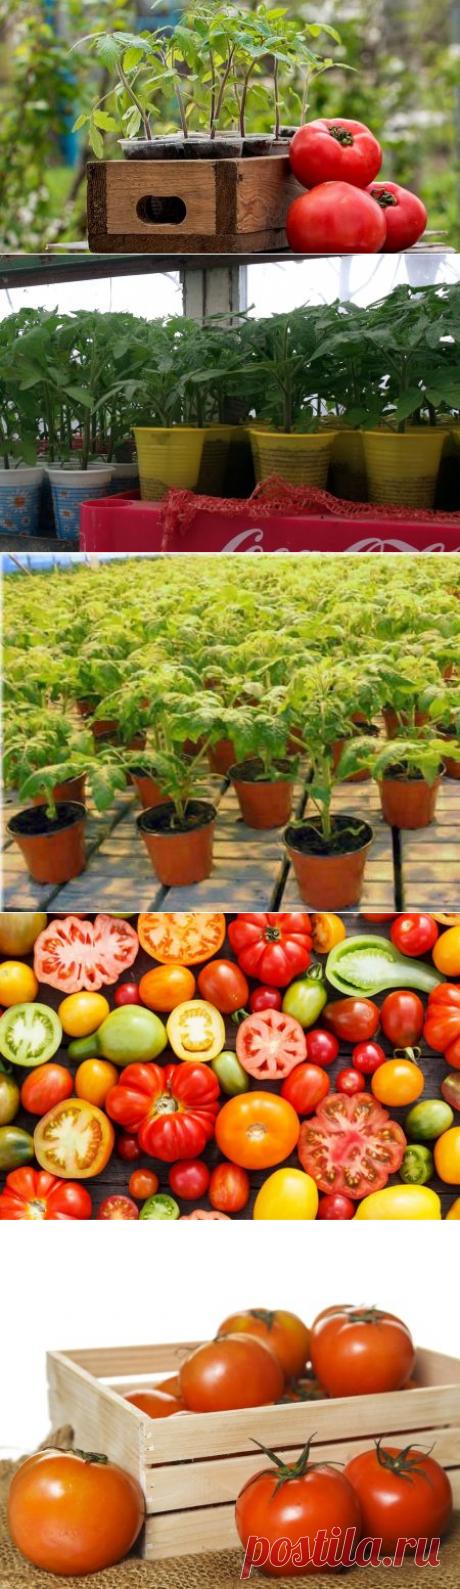 Сроки посадки помидор на рассаду в 2017 в средней полосе